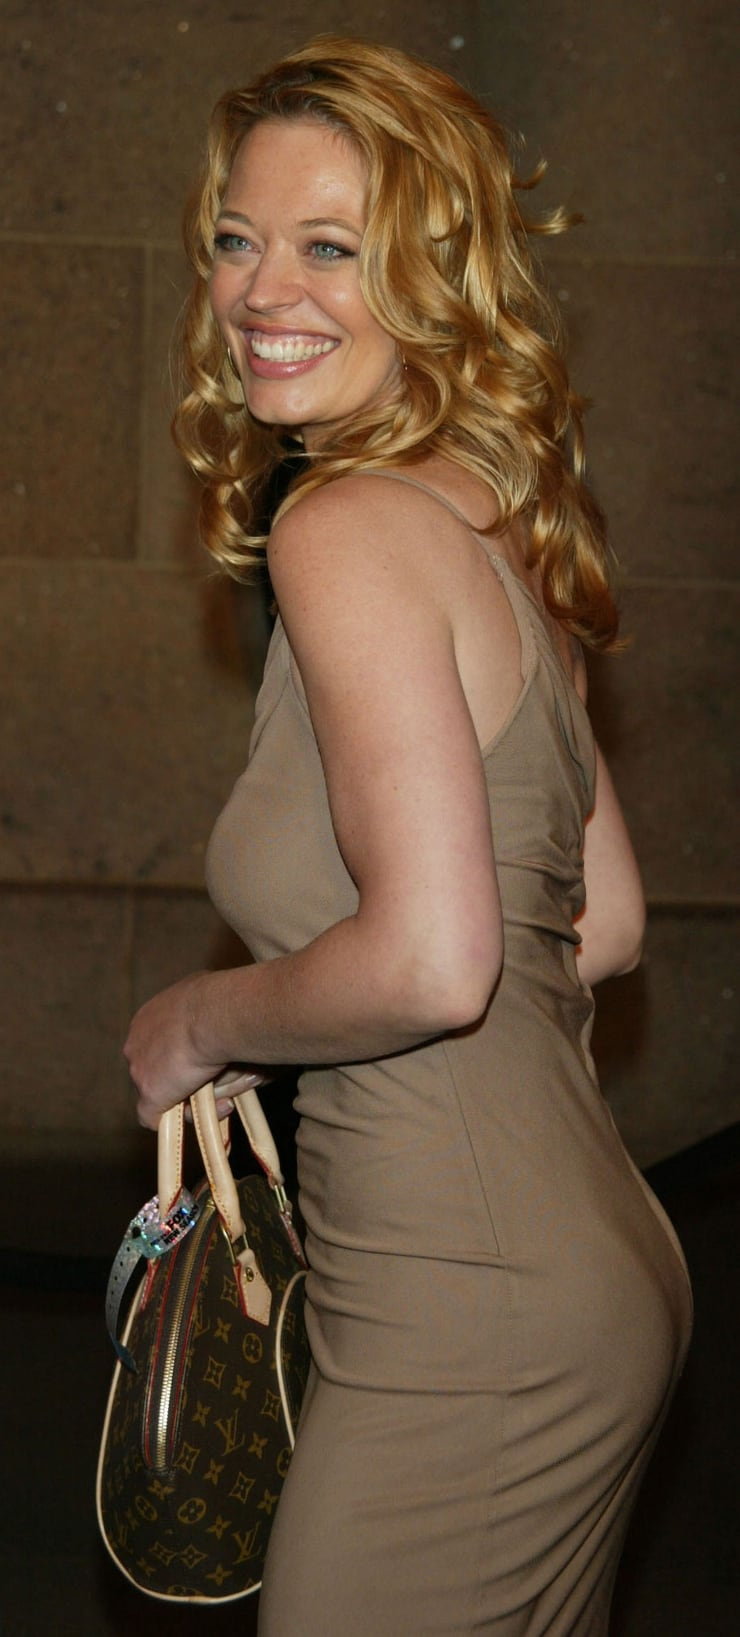 Yvonne willicks brüste